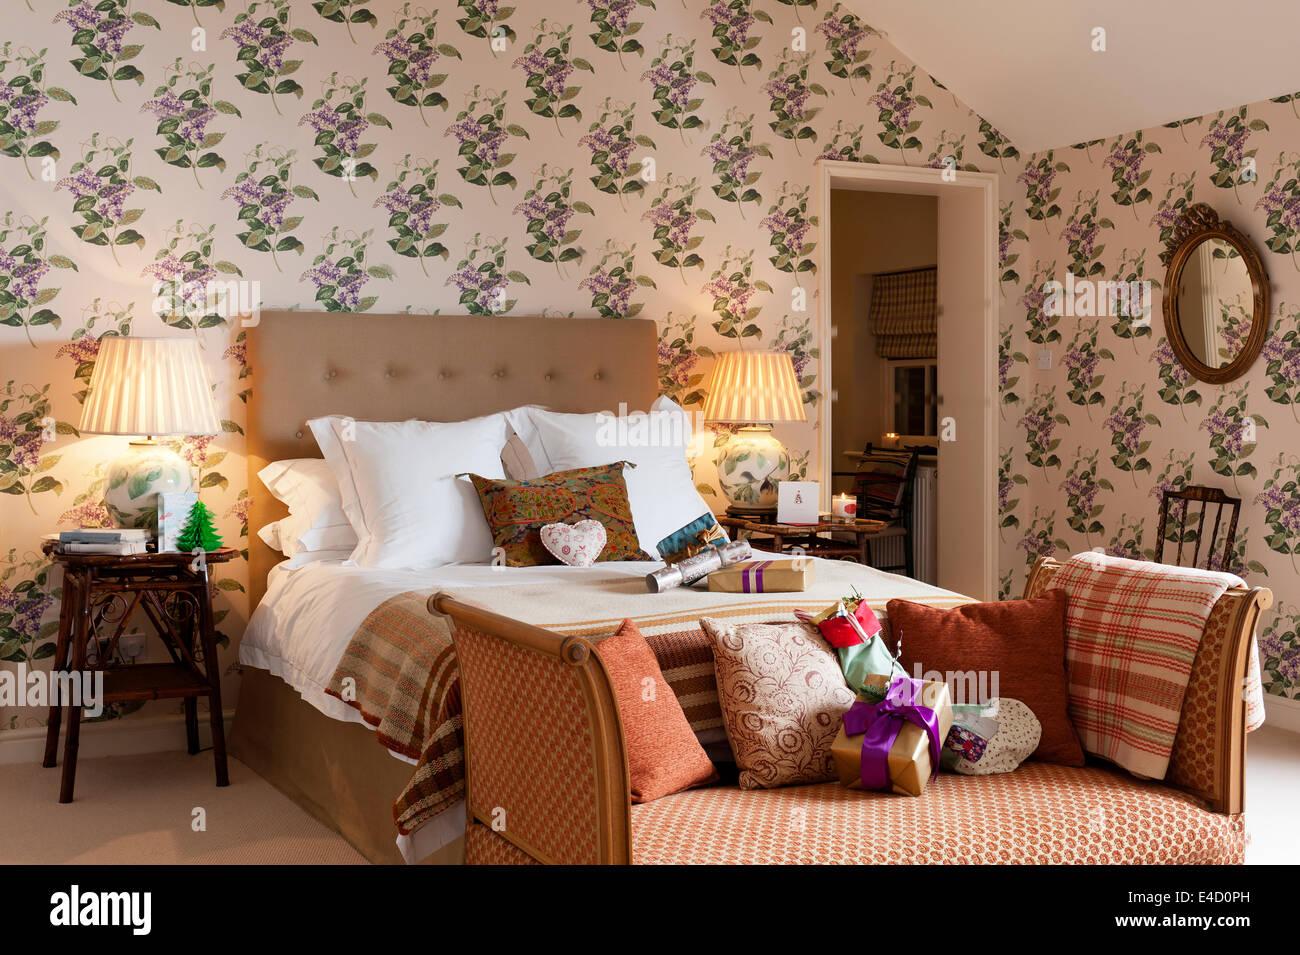 Una cama de día de estilo Eduardiano en la tapicería original está al final de una cama en un dormitorio Imagen De Stock